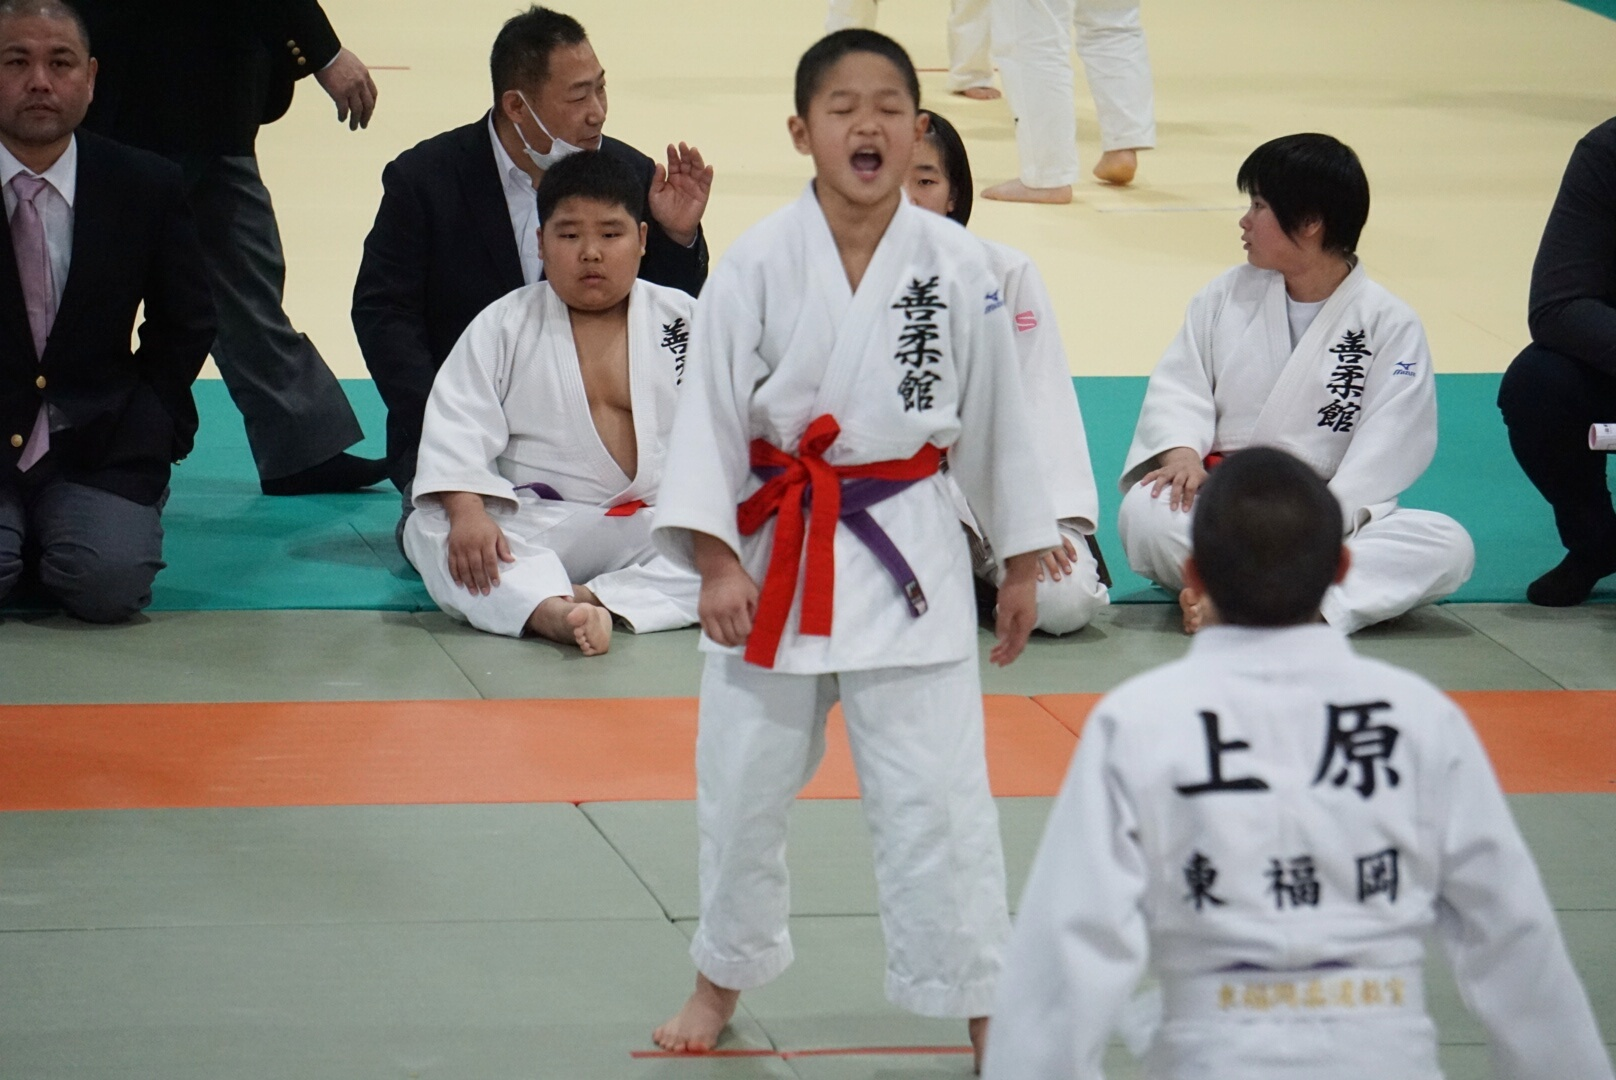 2020 柳ヶ浦少年柔道大会_b0172494_21183791.jpg